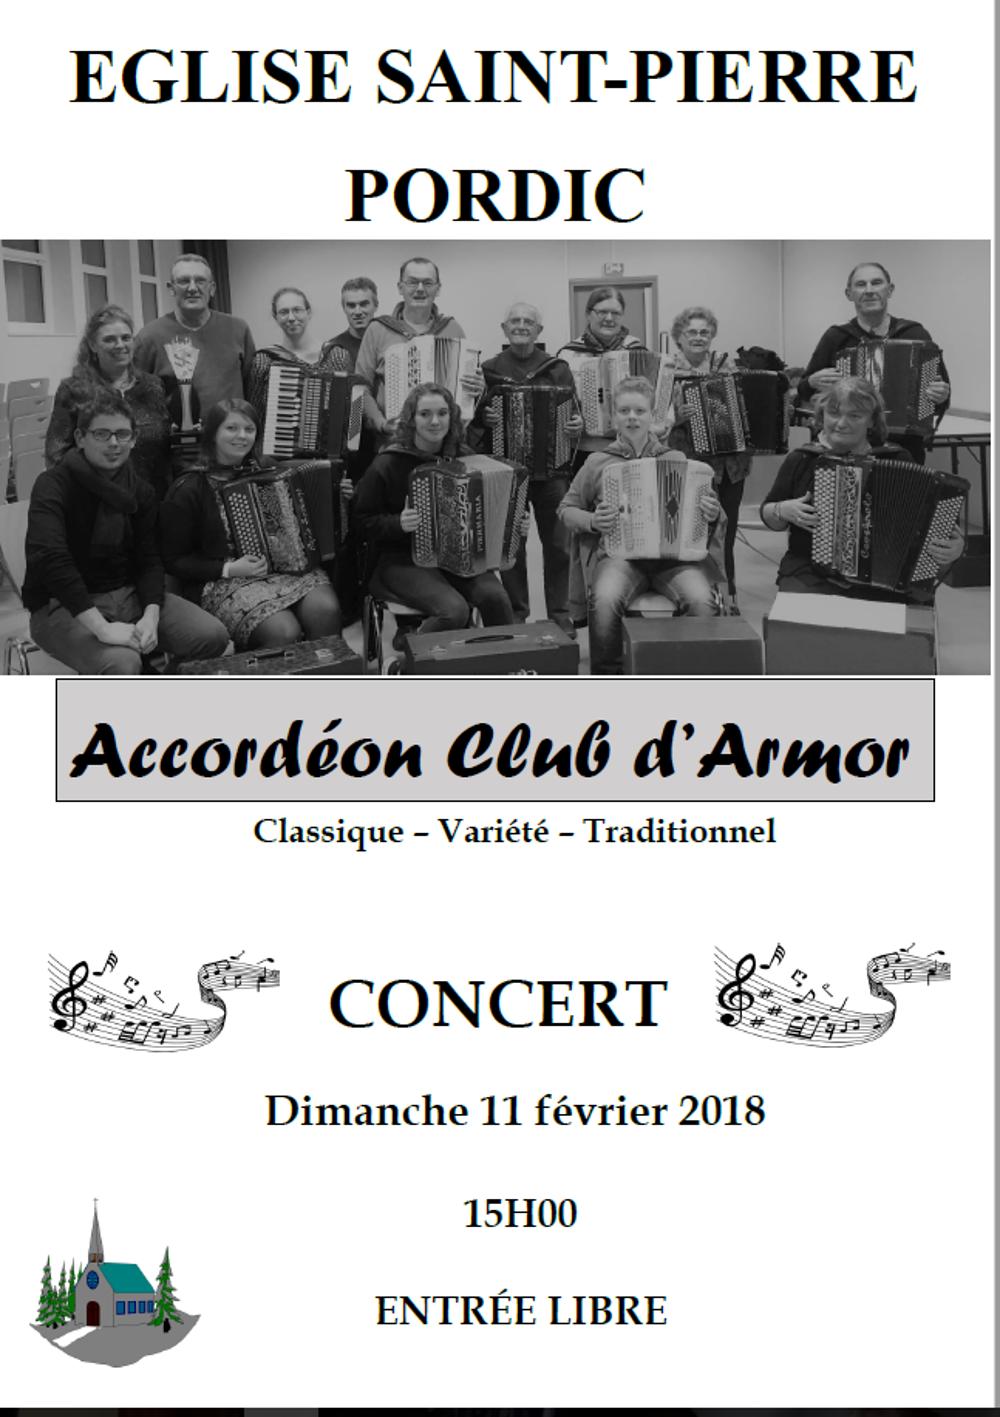 Concert de l''accordéon club d''Armor le 11 février à 15h à Pordic accordeon